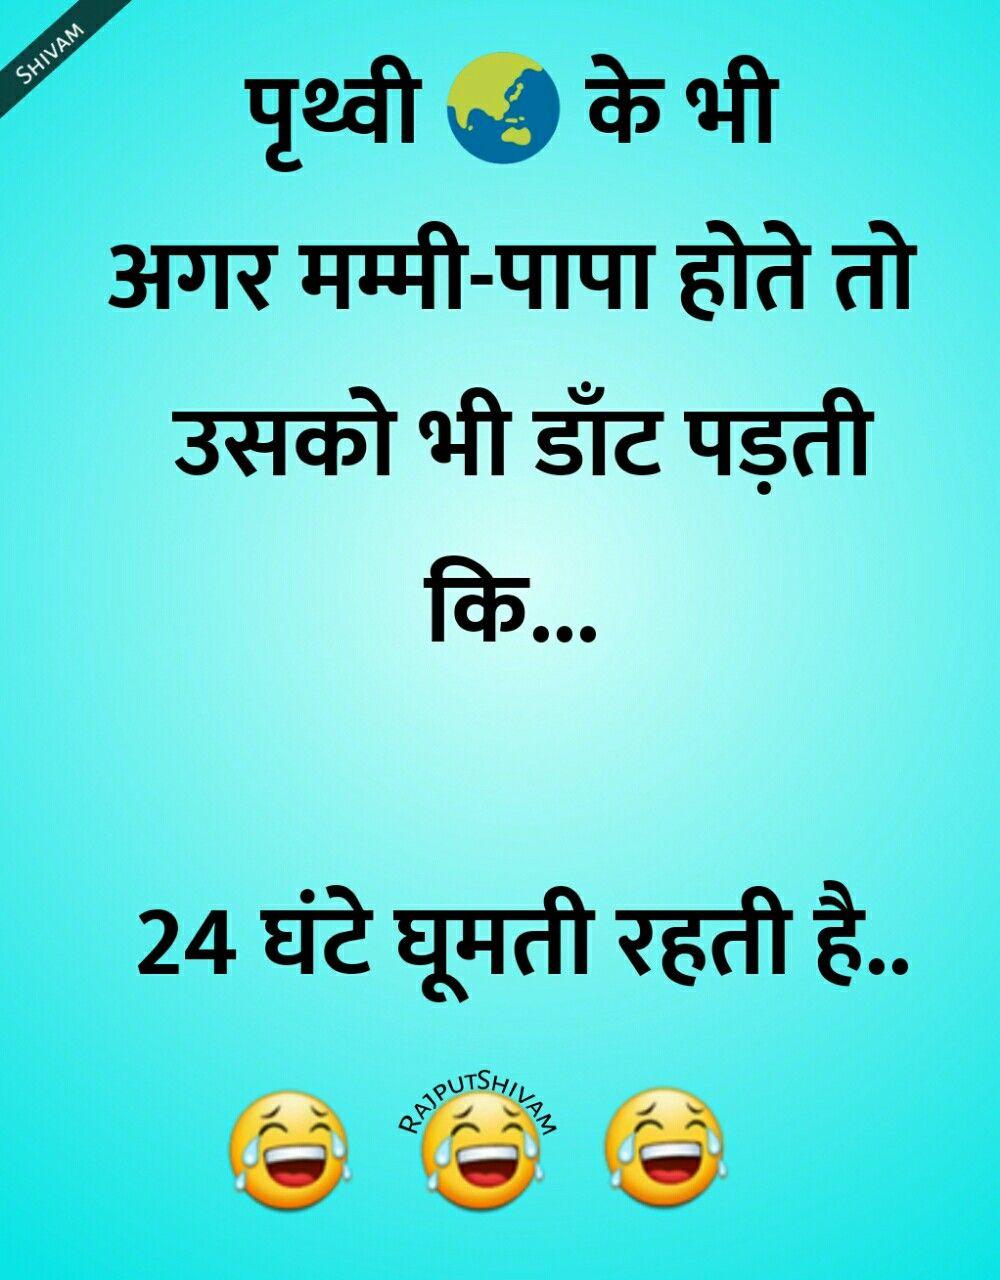 Pin By Vandana Srivastava On Jokes Very Funny Jokes Funny Joke Quote Funny Quotes For Instagram